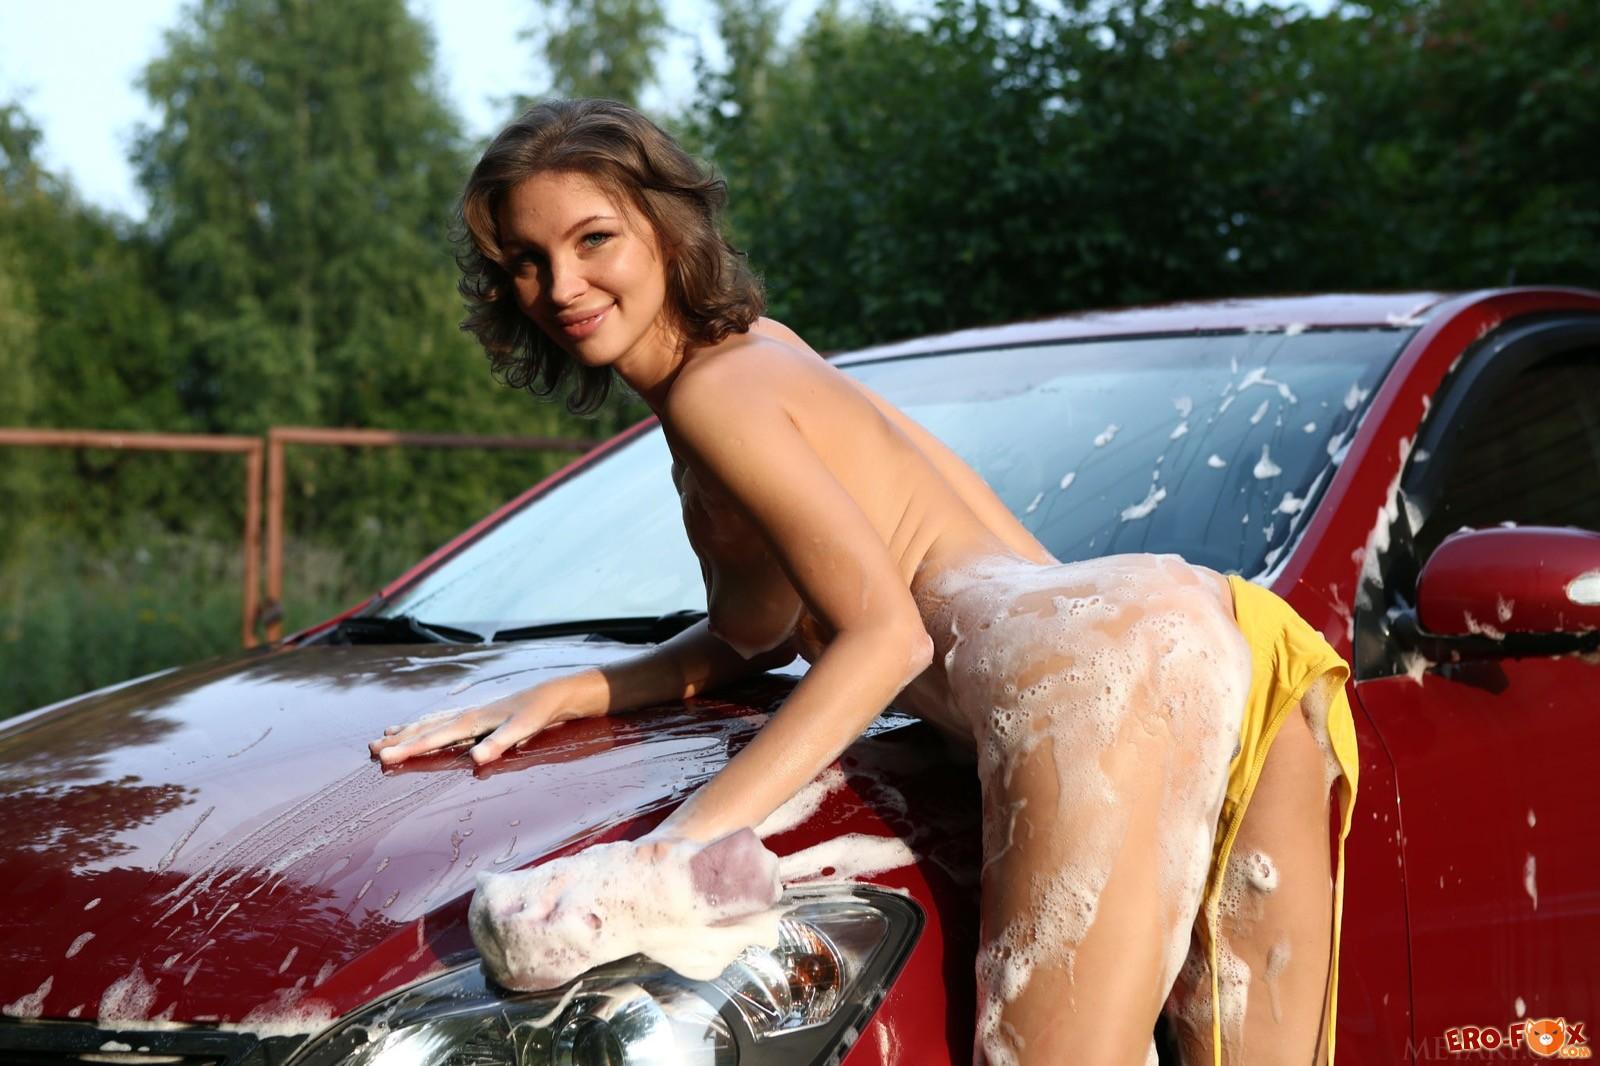 Блондиночка сексуально моет машину